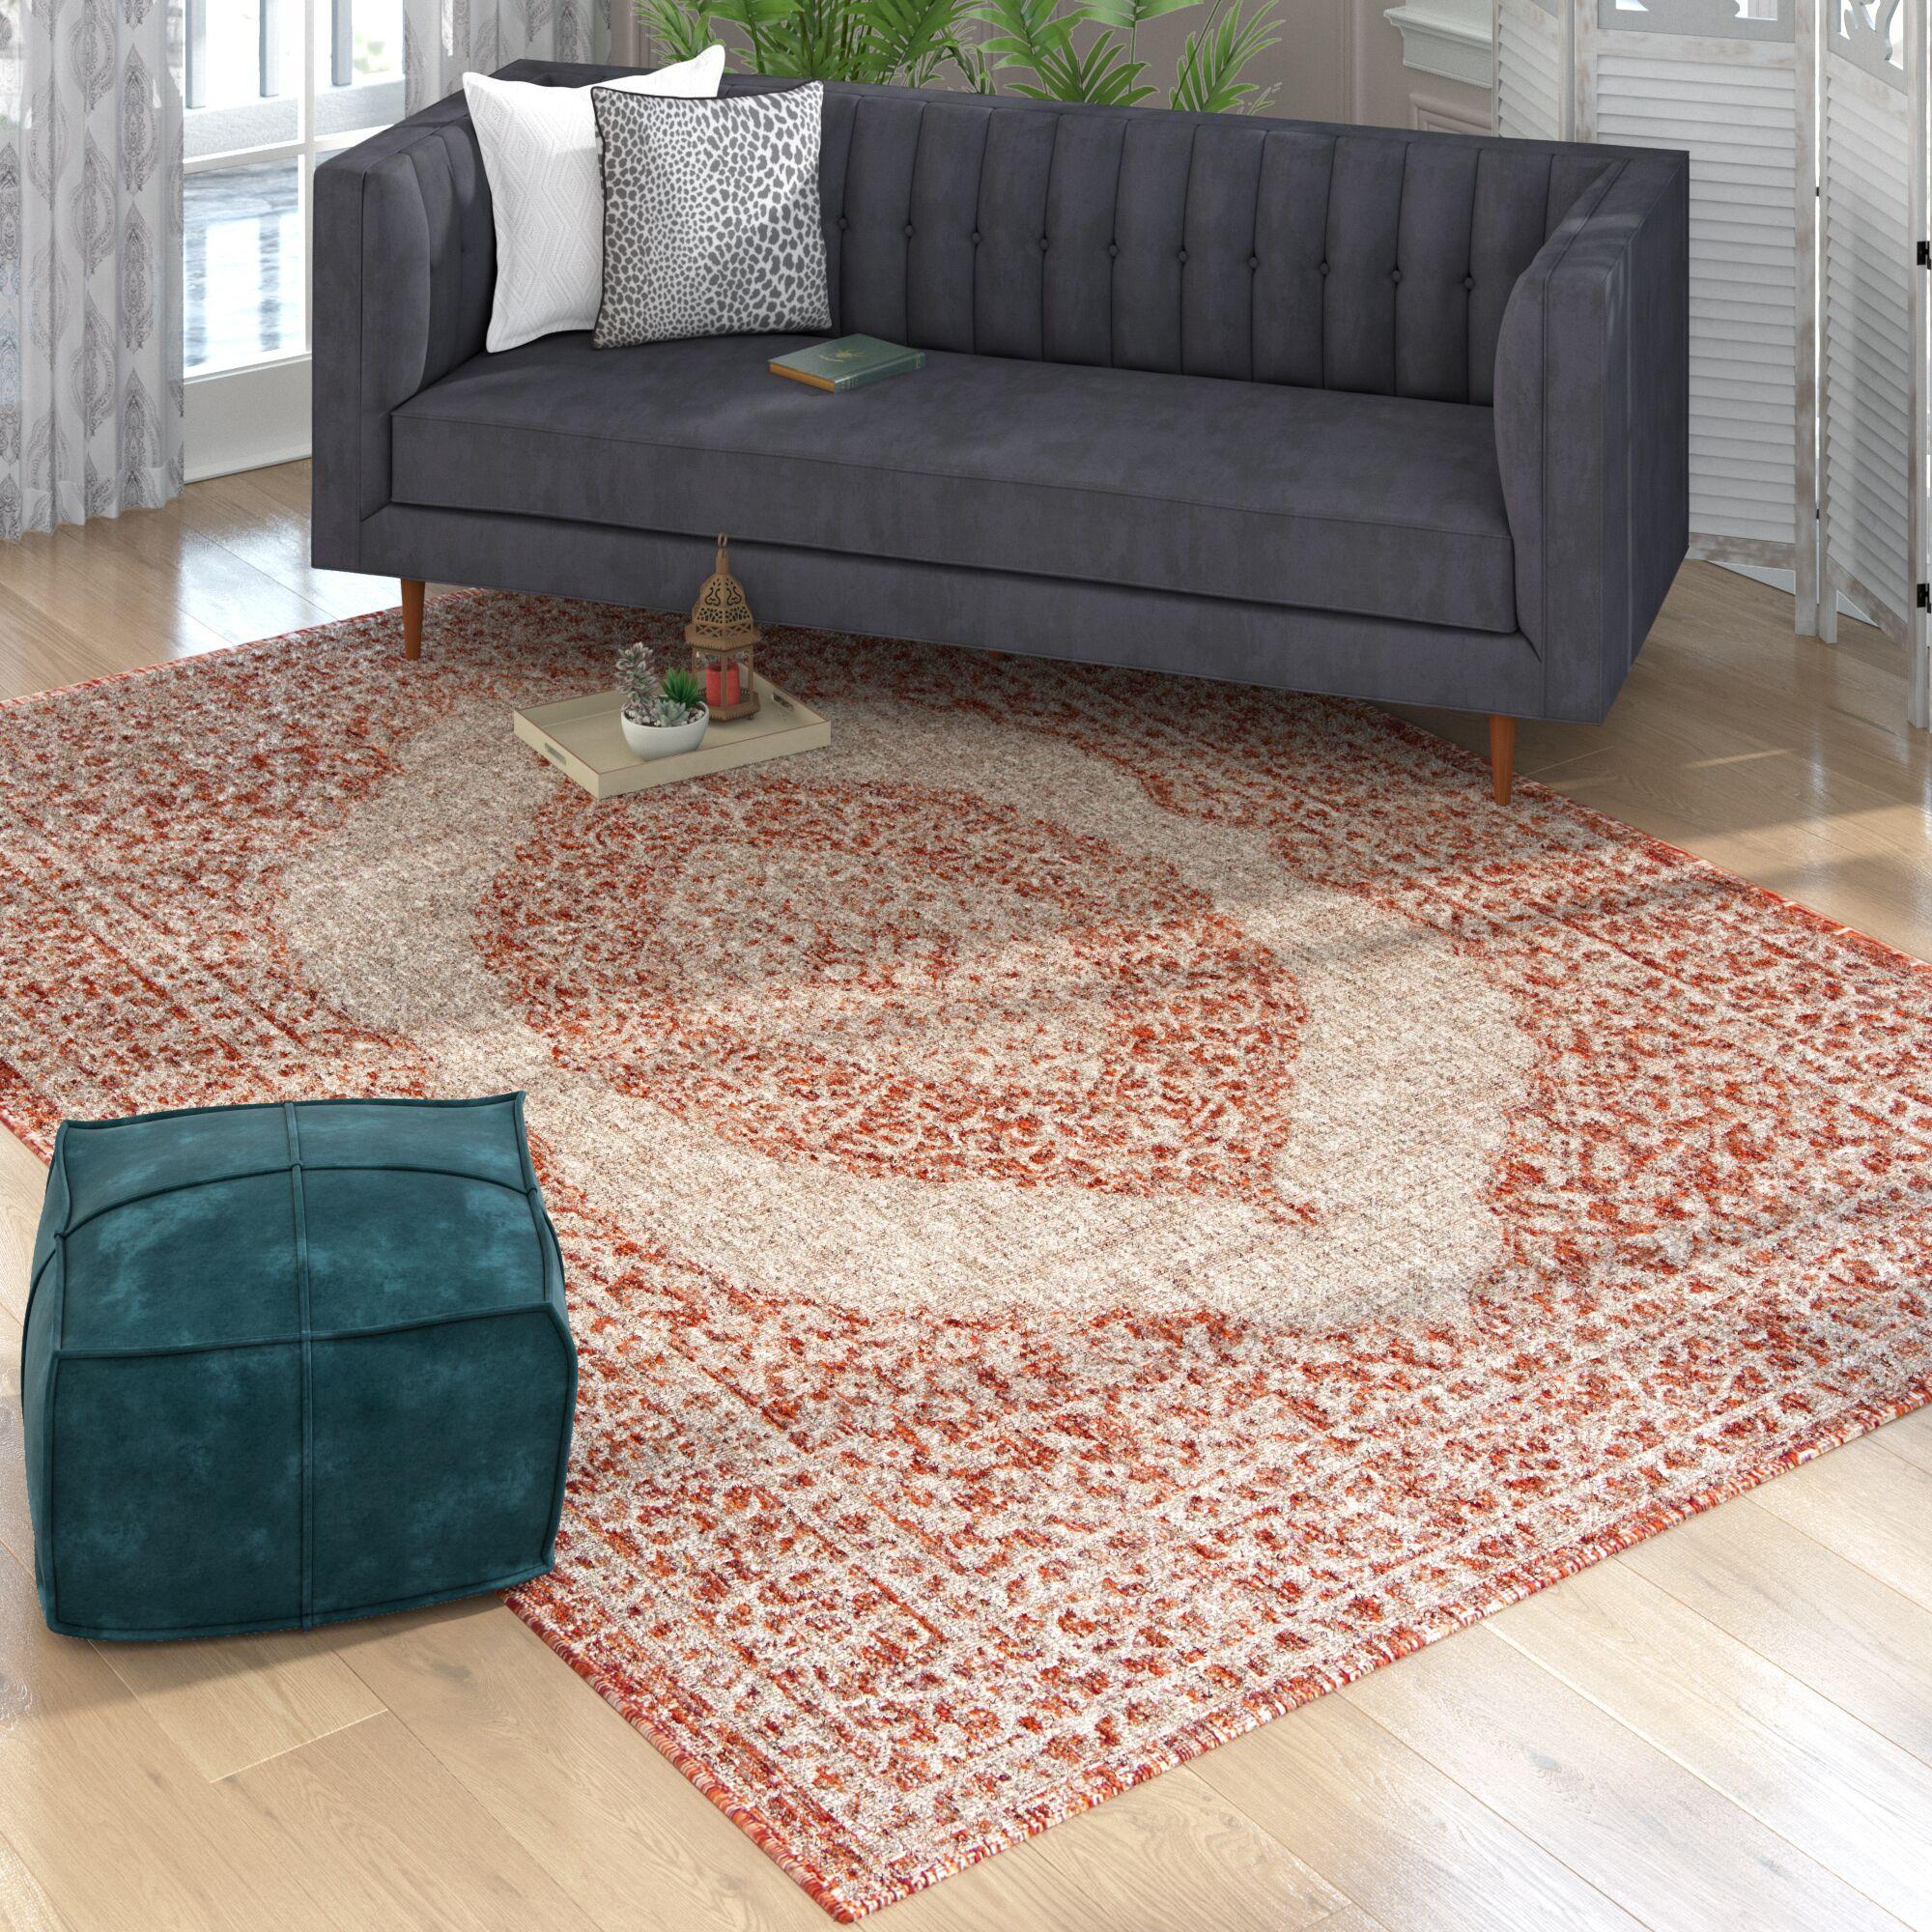 Myers Light Beige/Terracotta Indoor/Outdoor Area Rug Rug Size: Rectangle 8' x 11'